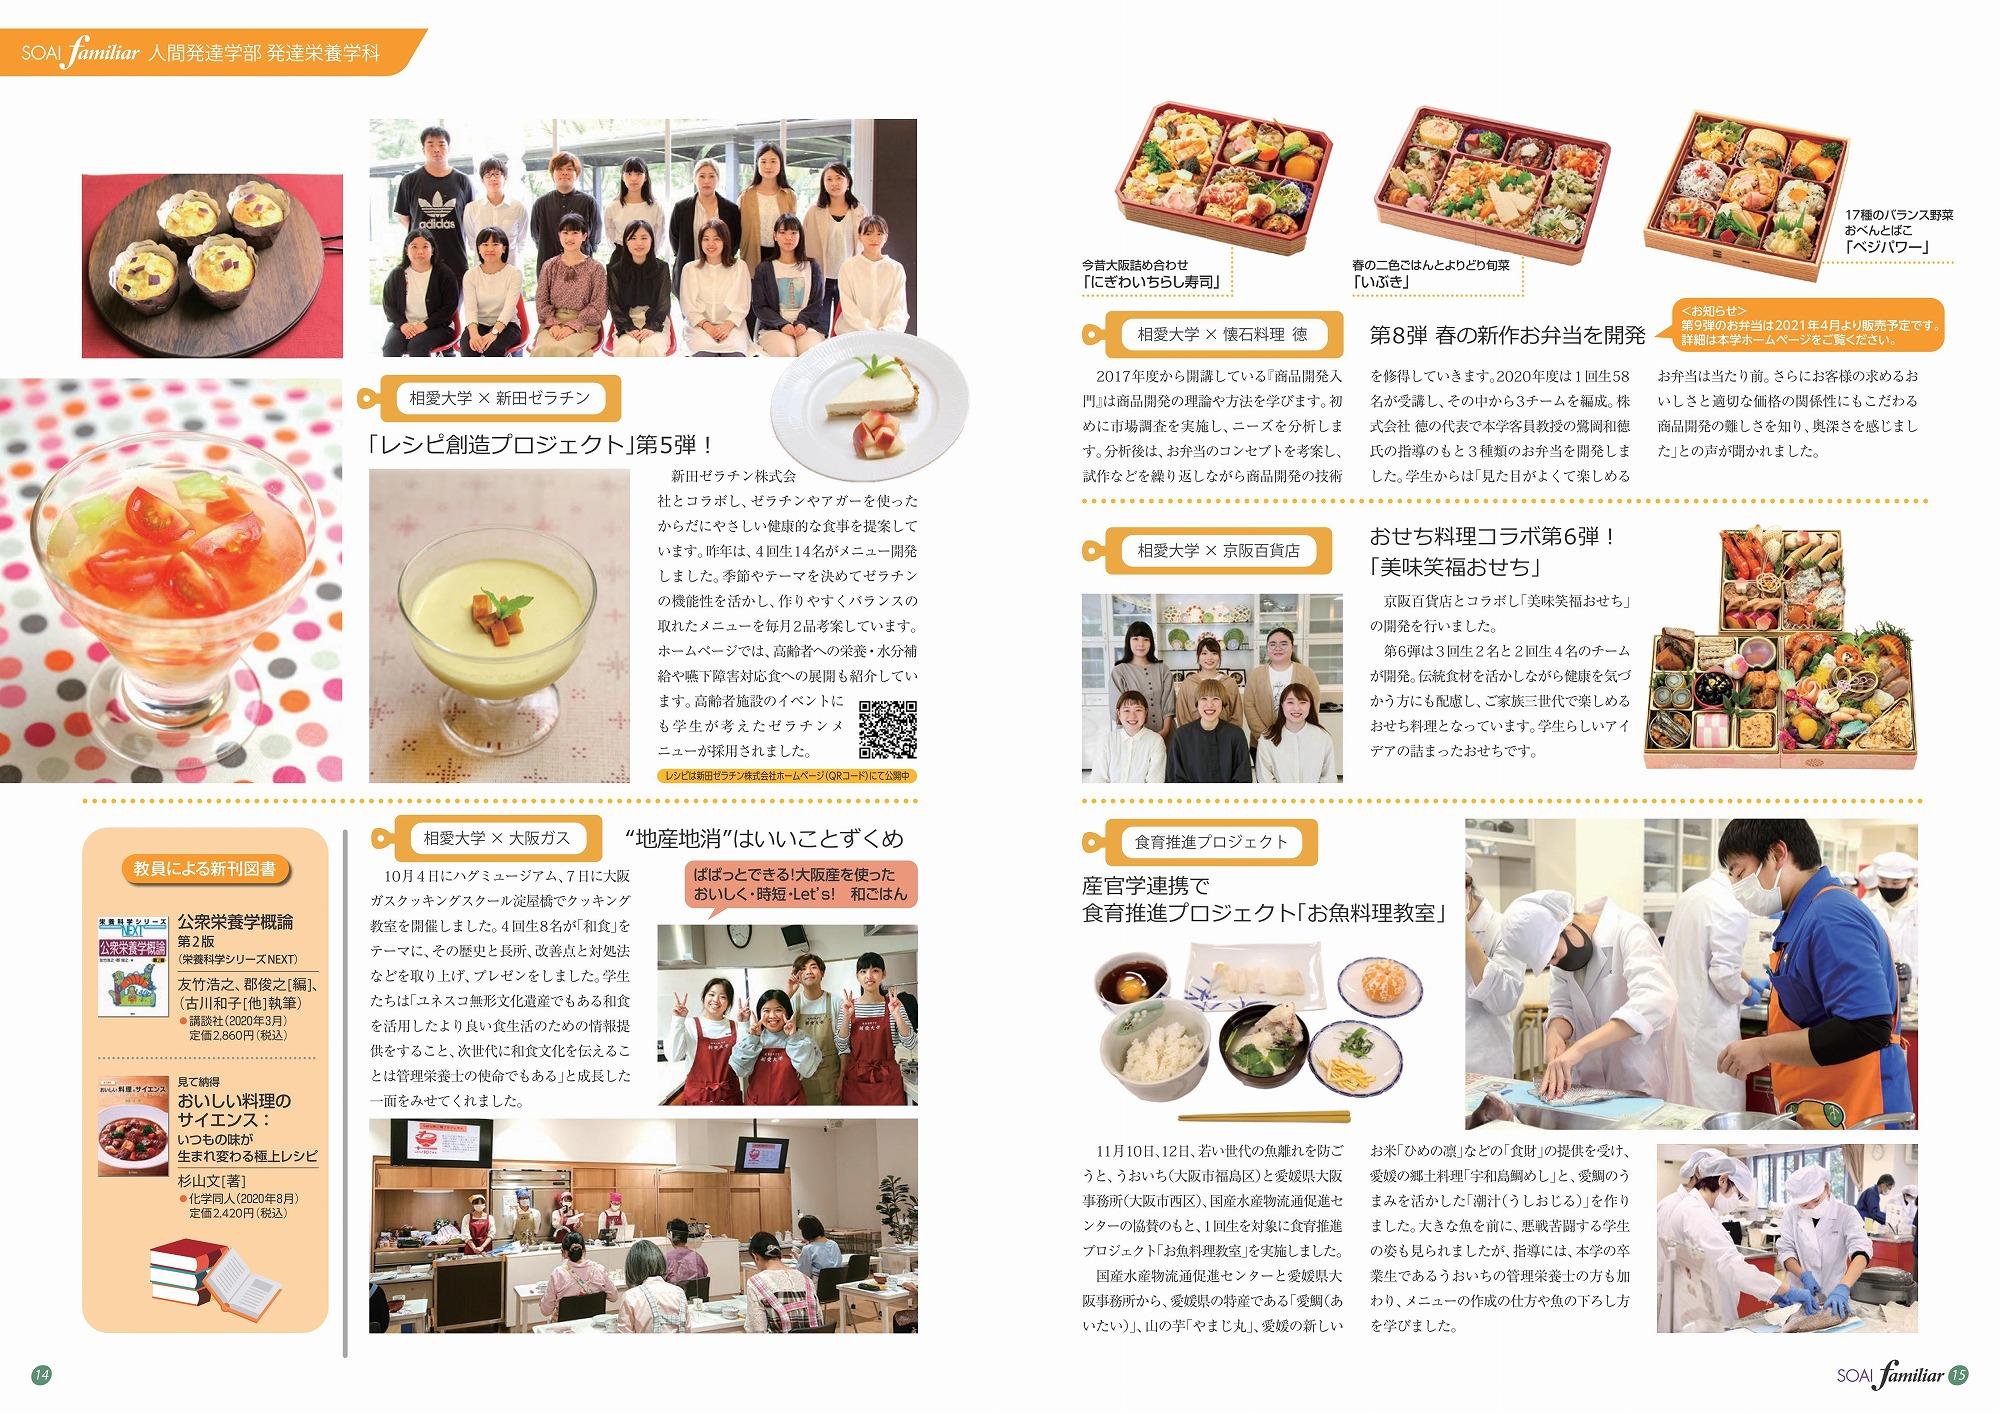 https://www.soai.ac.jp/information/news/2021_soaifamiliar_07.jpg